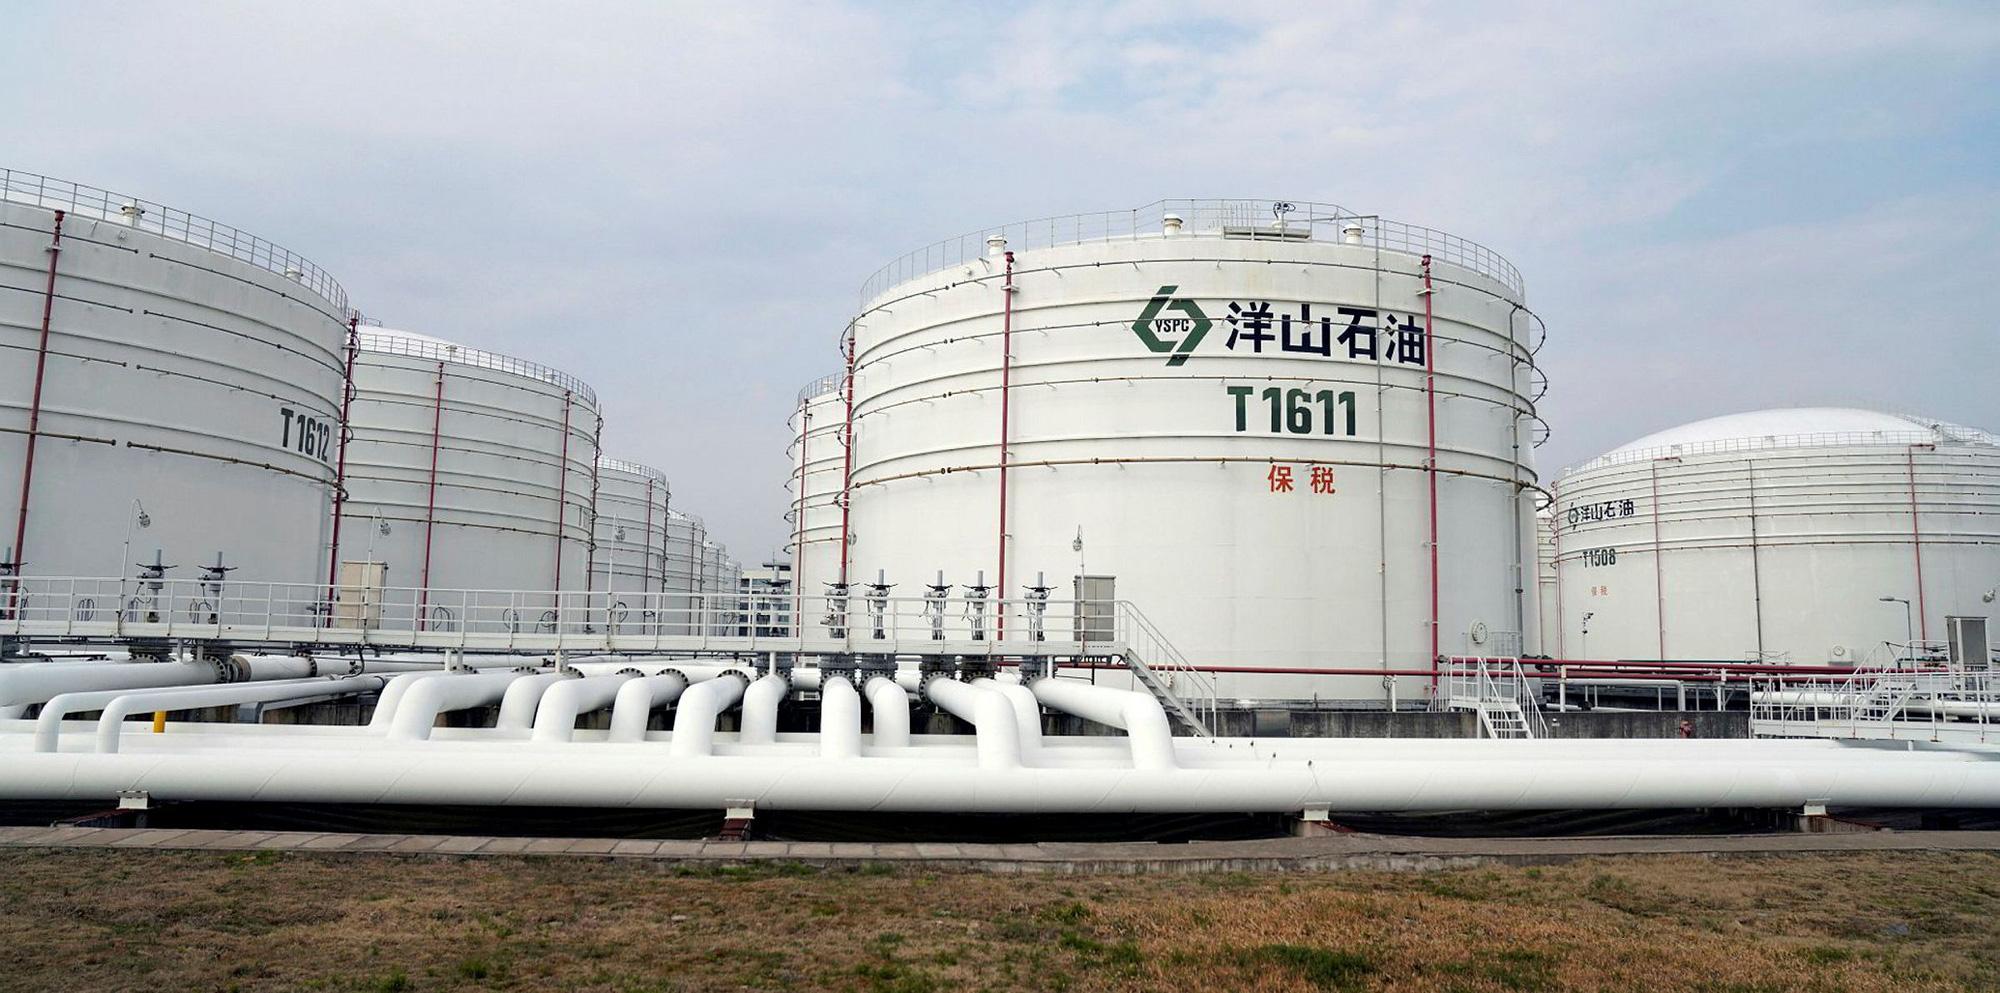 Để hạ nhiệt giá dầu, lần đầu tiên trong lịch sử Trung Quốc giải phóng kho dự trữ dầu thô - Ảnh 1.